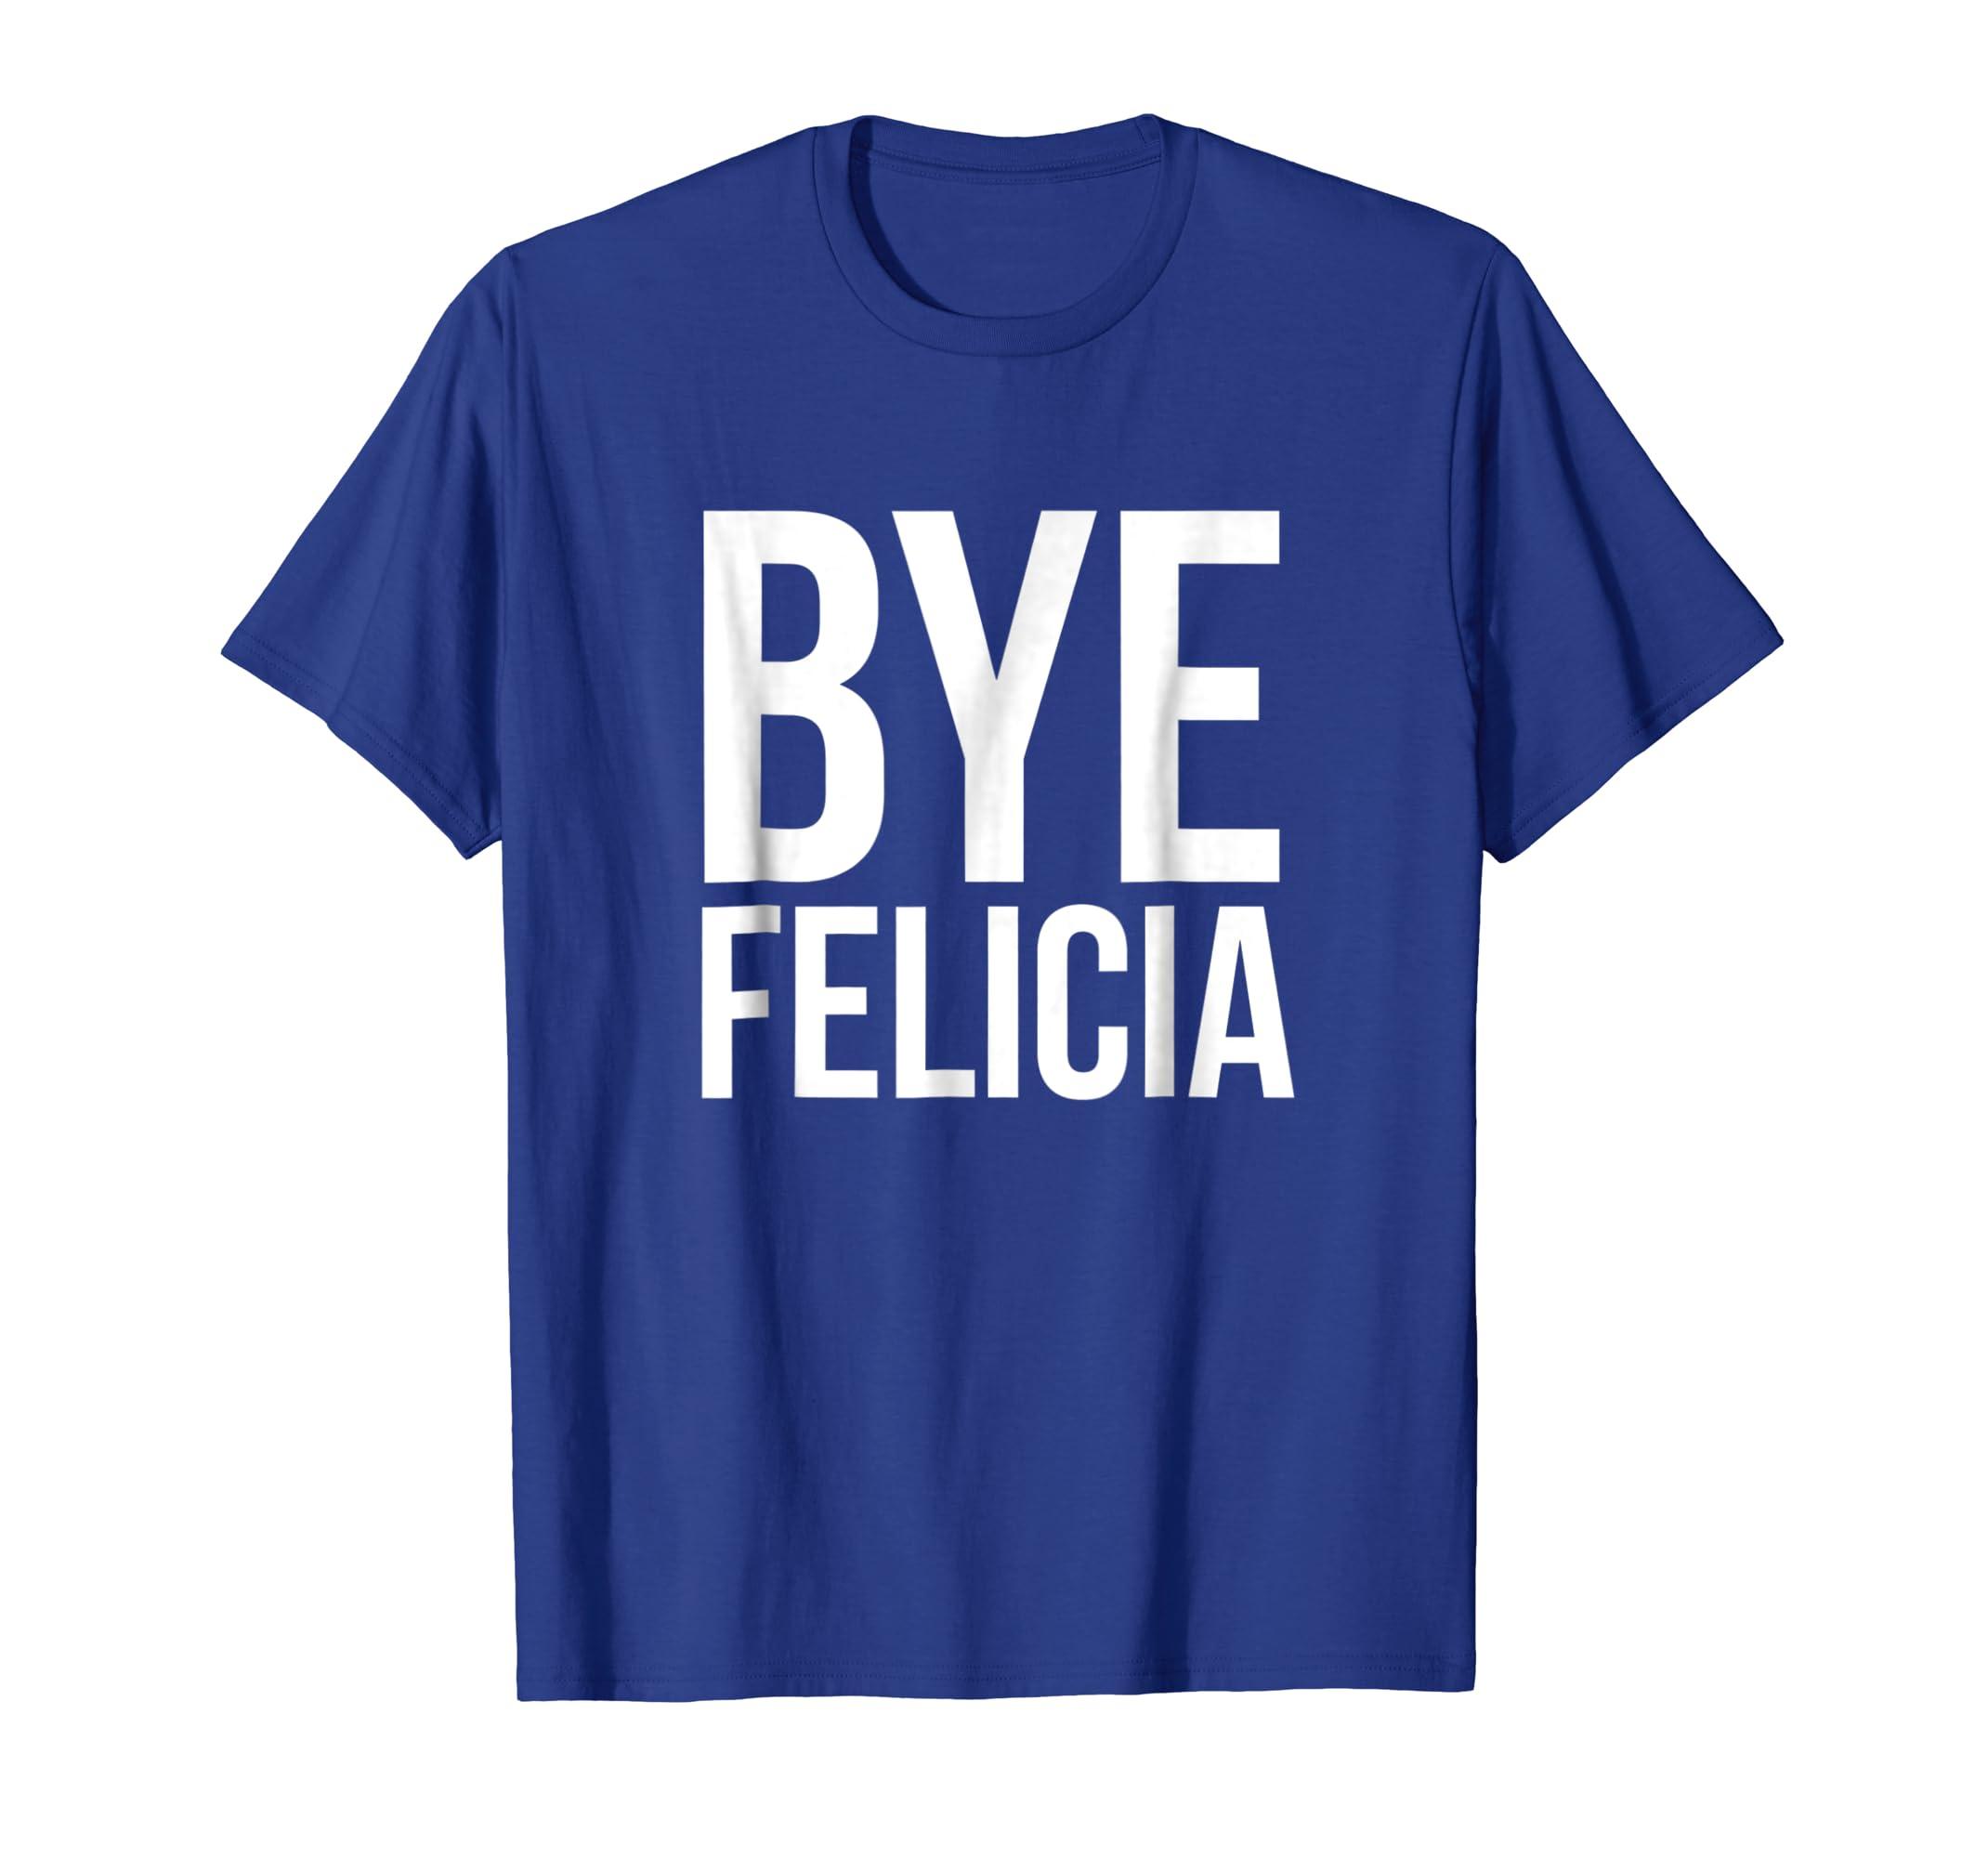 69cd4016906 Amazon.com  Bye Felicia Funny Tshirt  Clothing